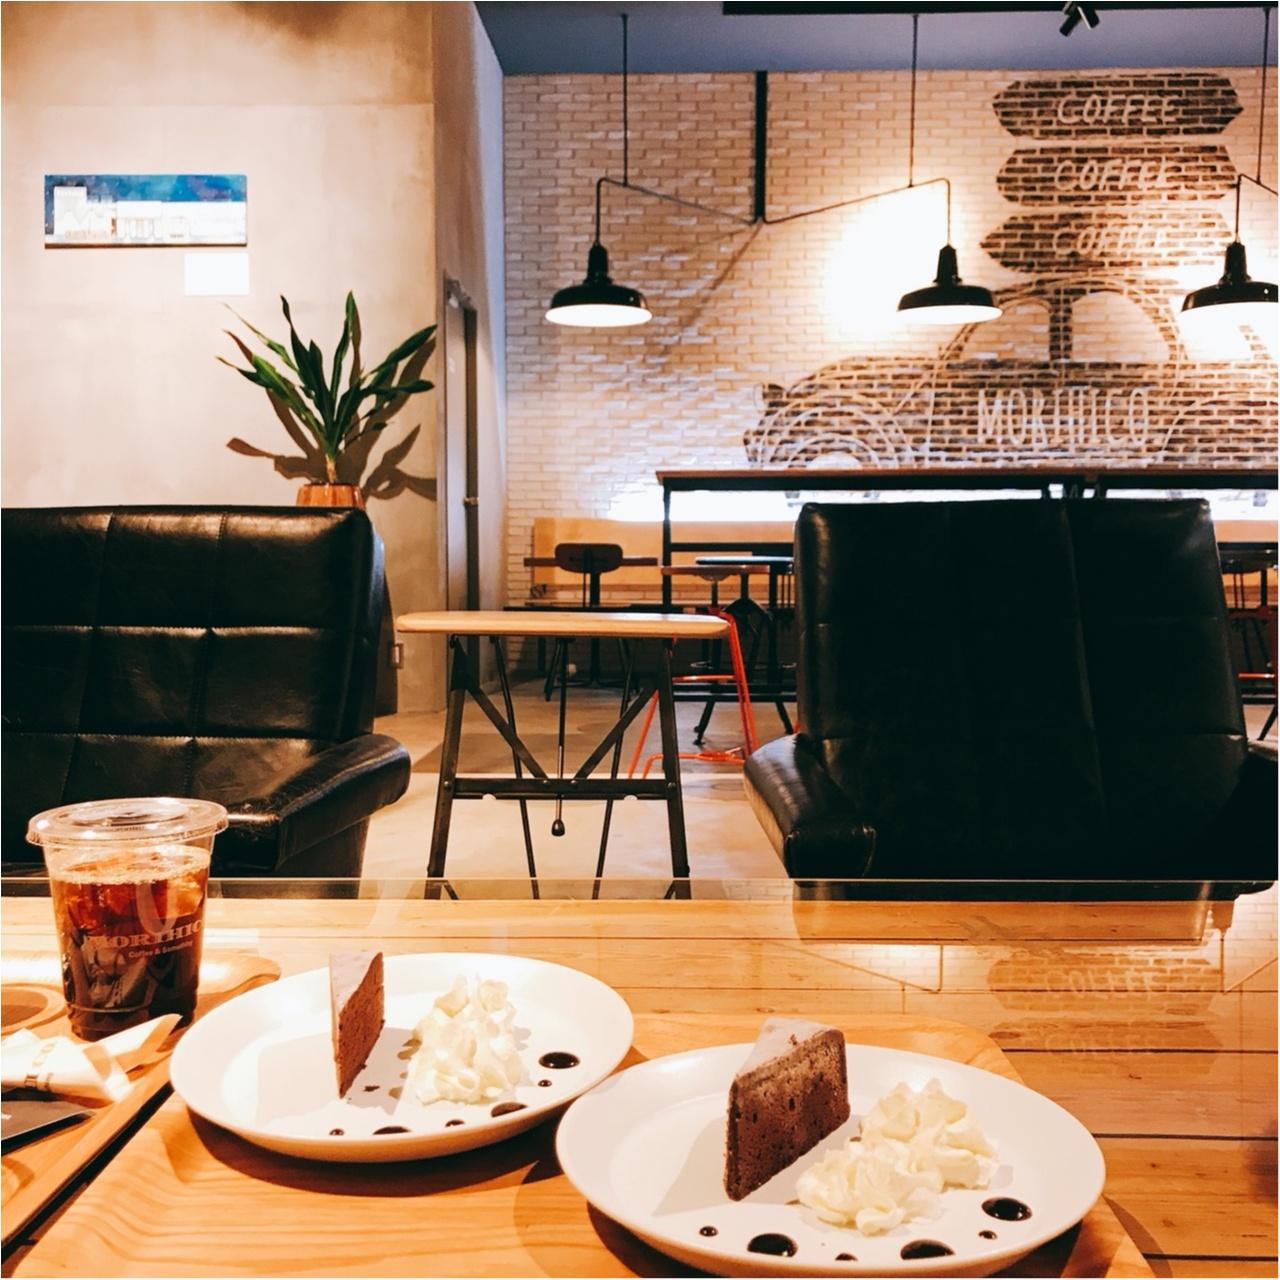 北海道女子旅特集 - インスタ映えスポットやカフェ、ご当地グルメなどおすすめ観光地まとめ_54